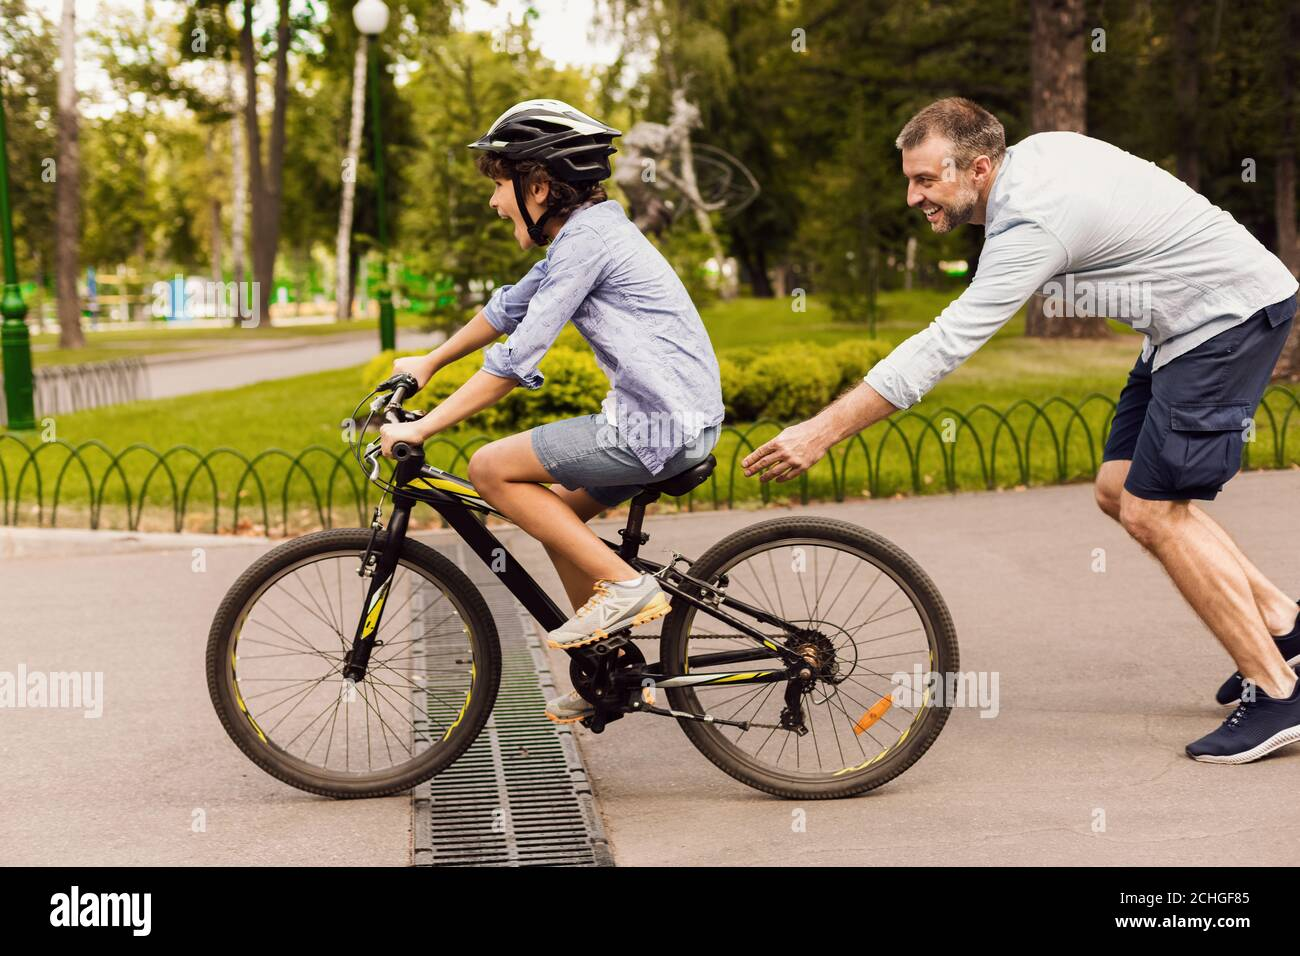 Hijo aprendiendo a montar en bicicleta con su padre feliz Foto de stock